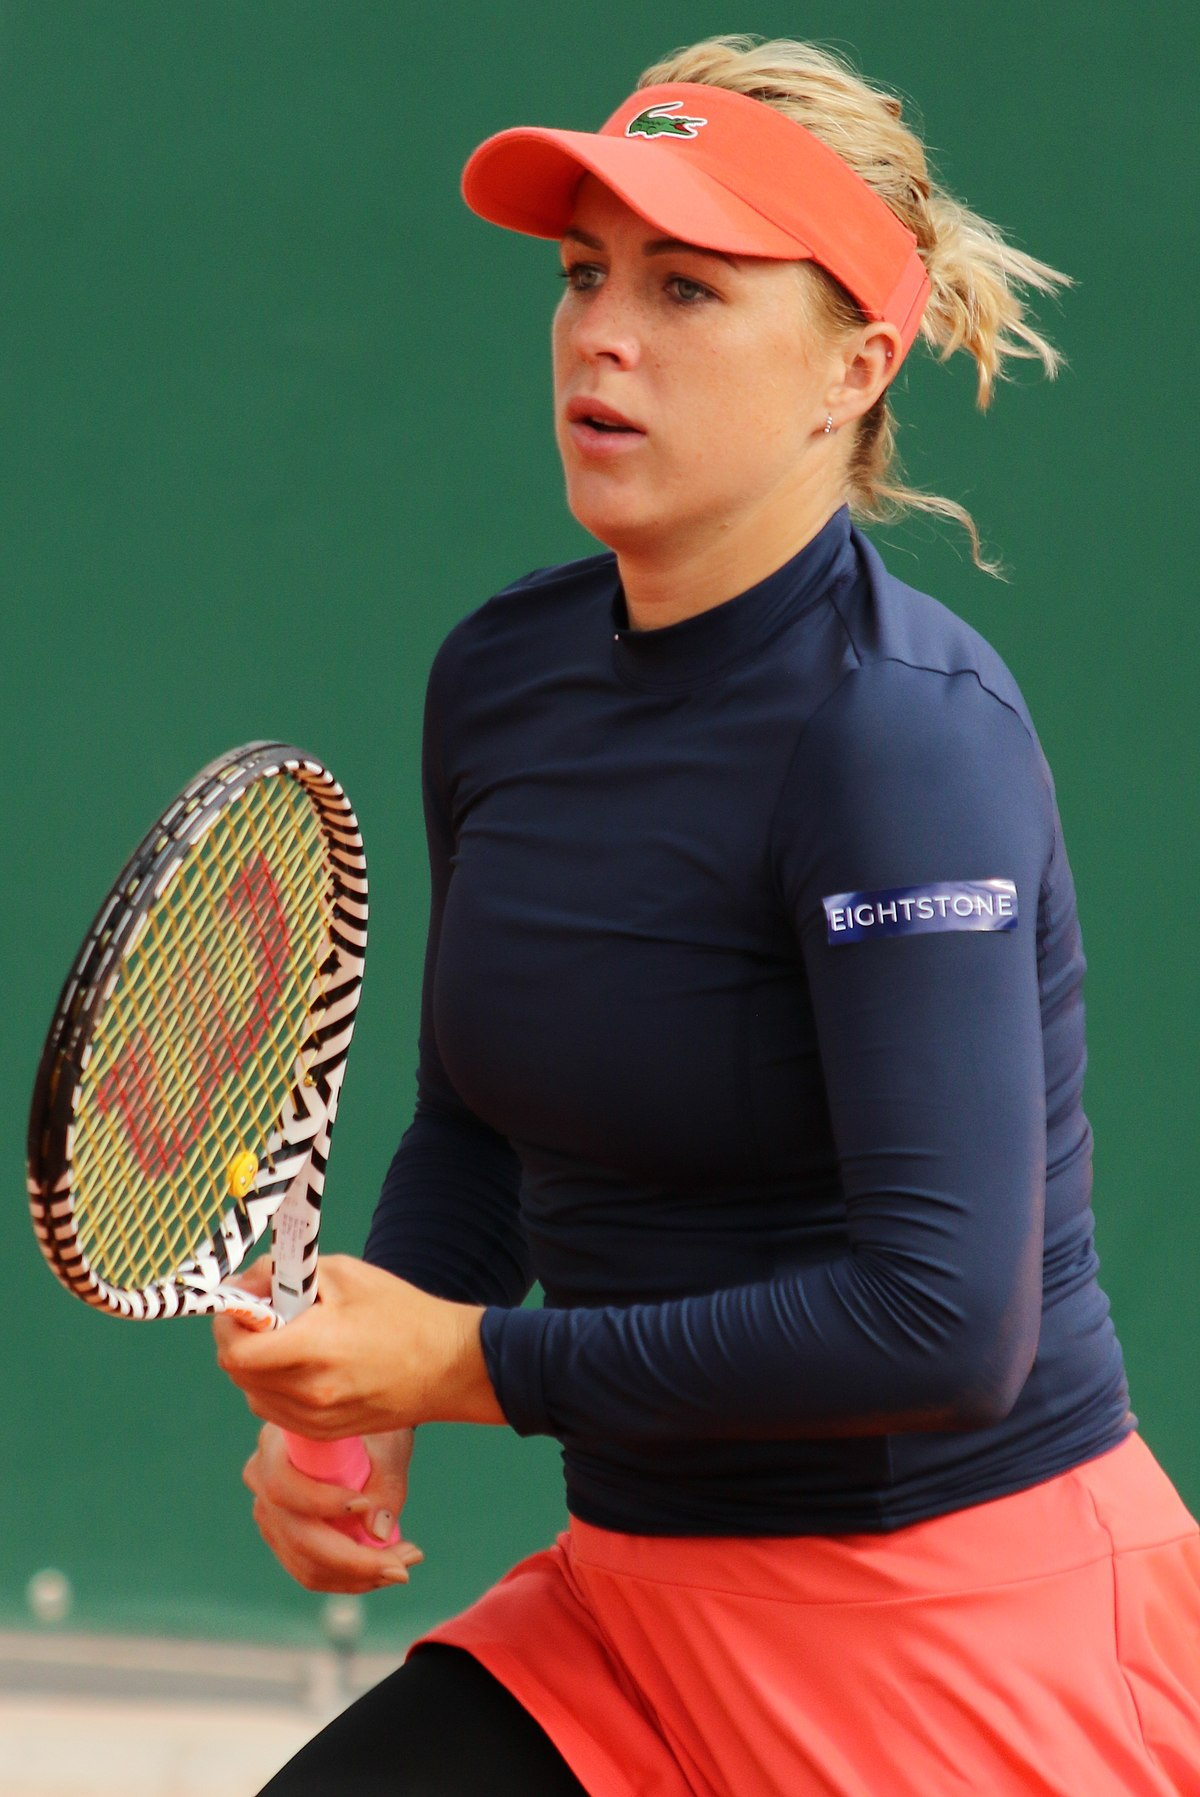 Pavlyuchenkova